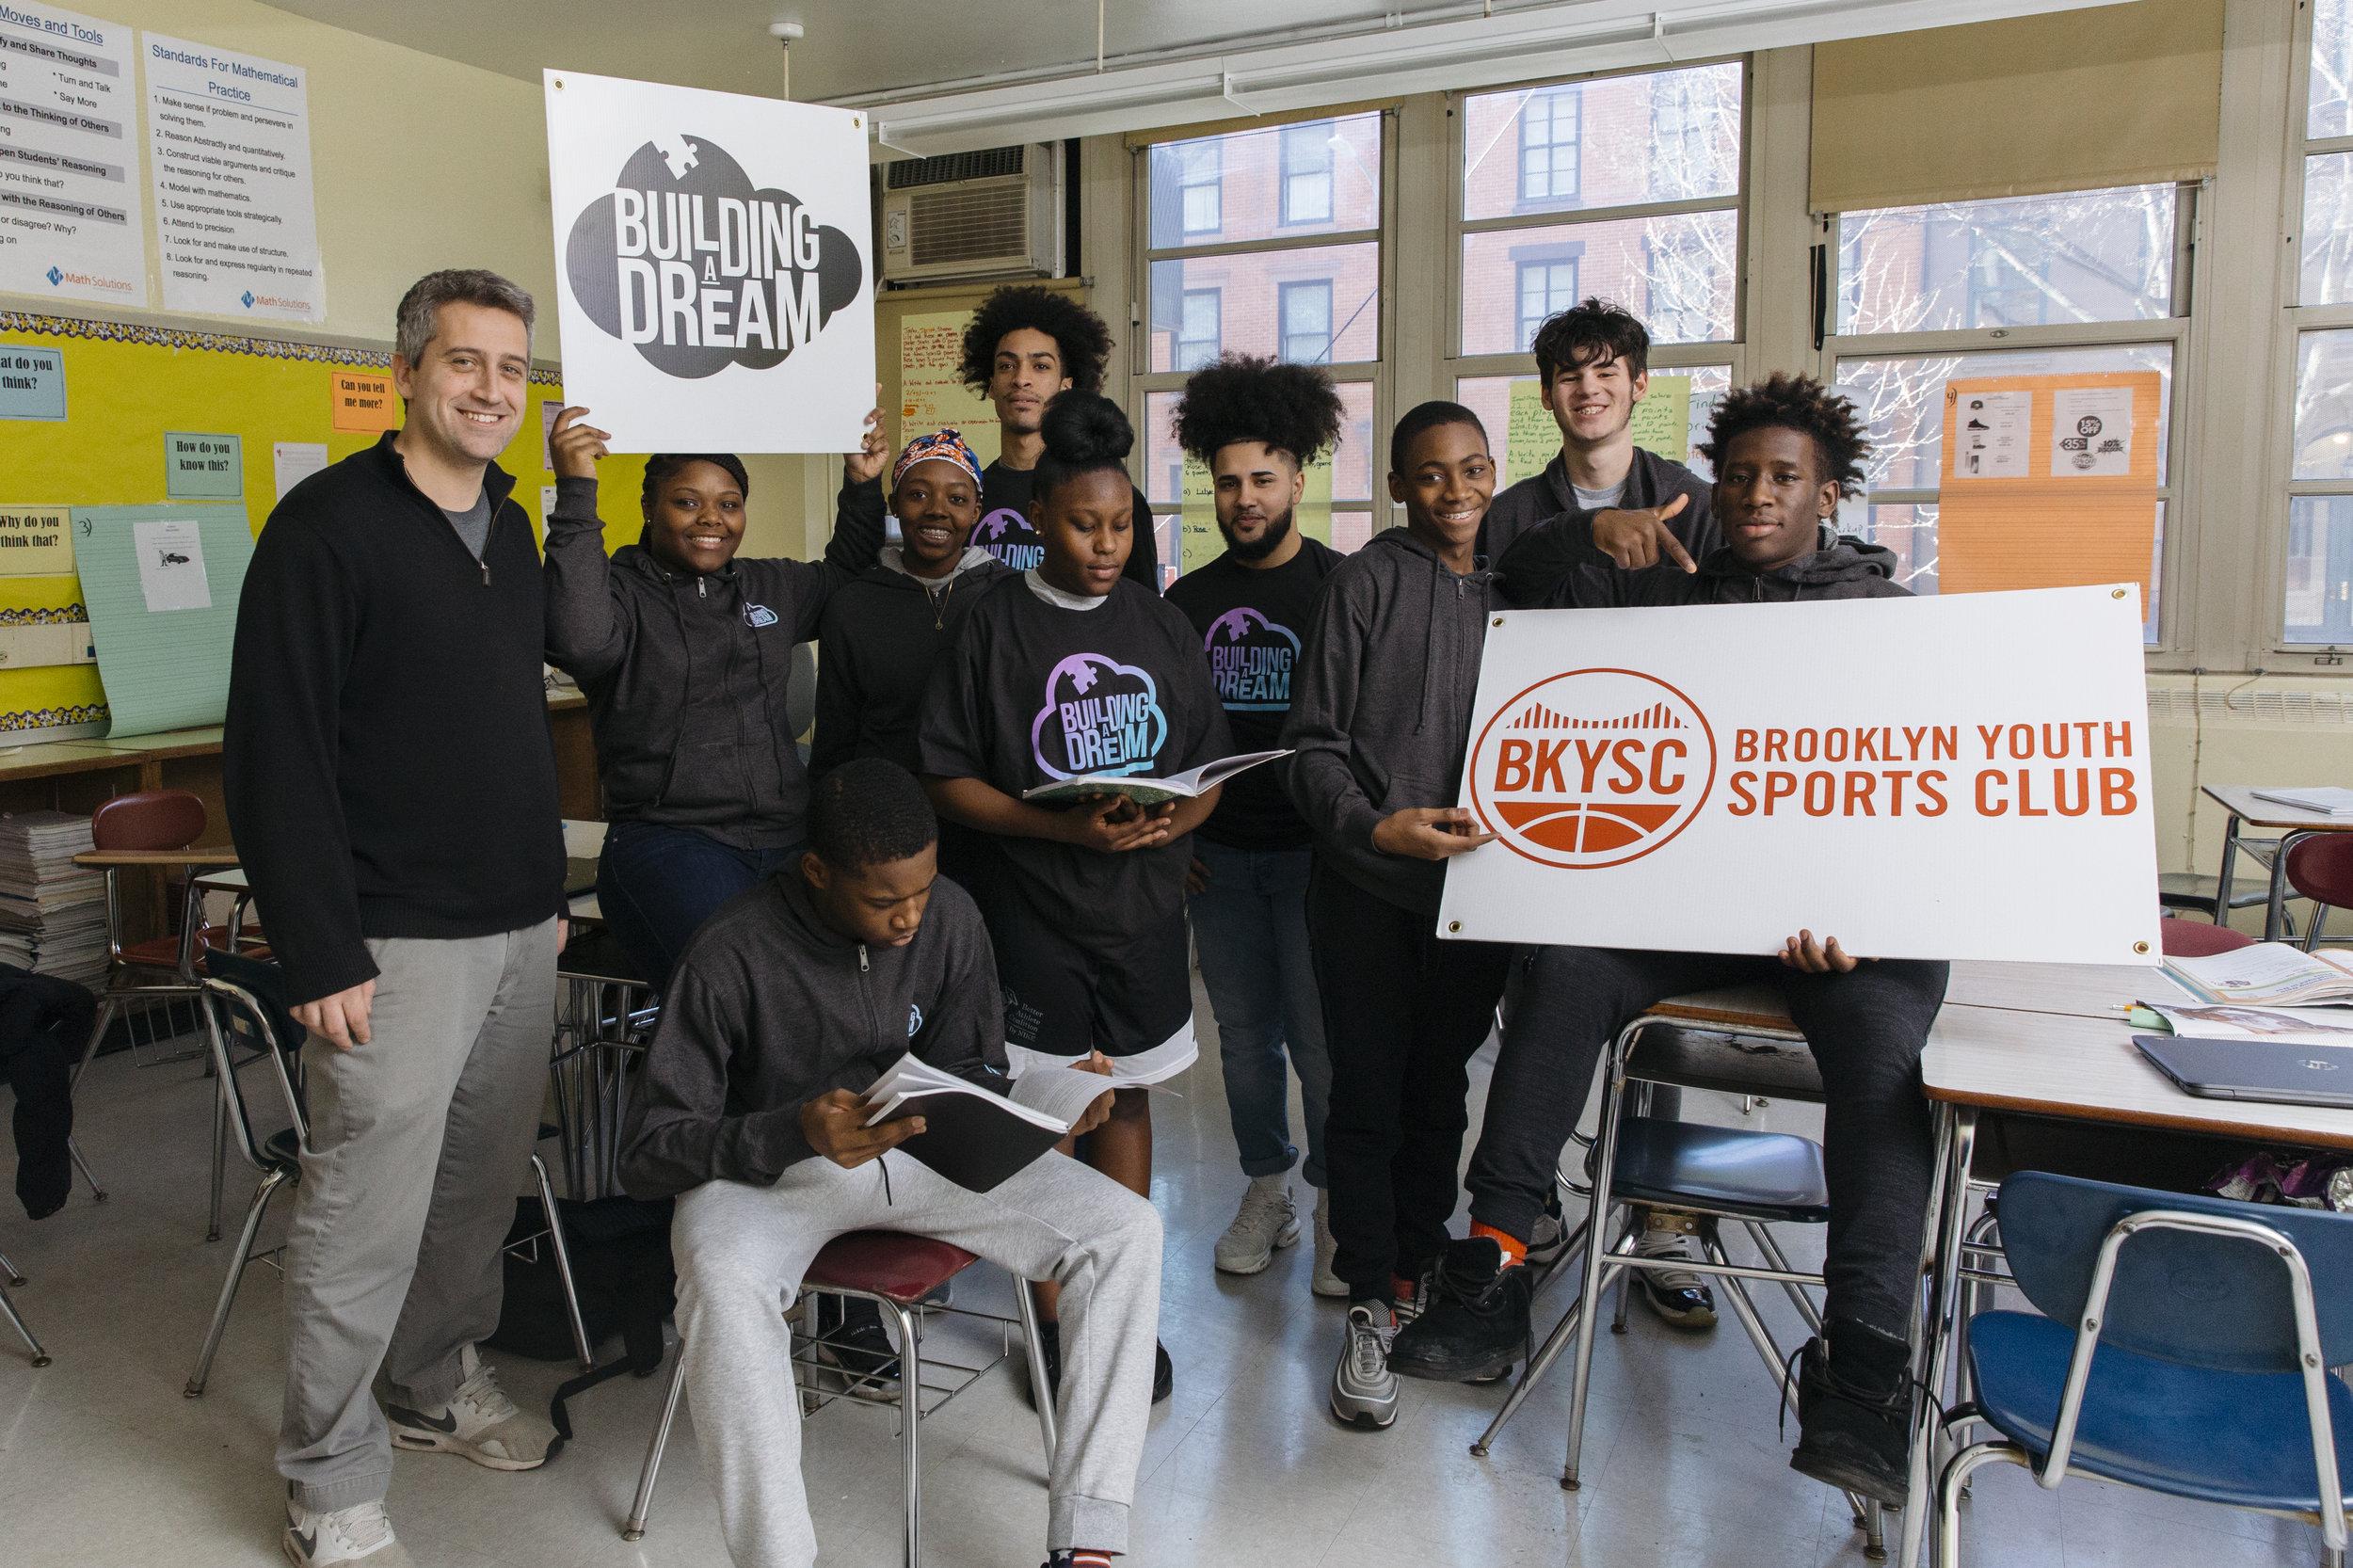 brooklyn-youth-sports-club-building-a-dream.jpg